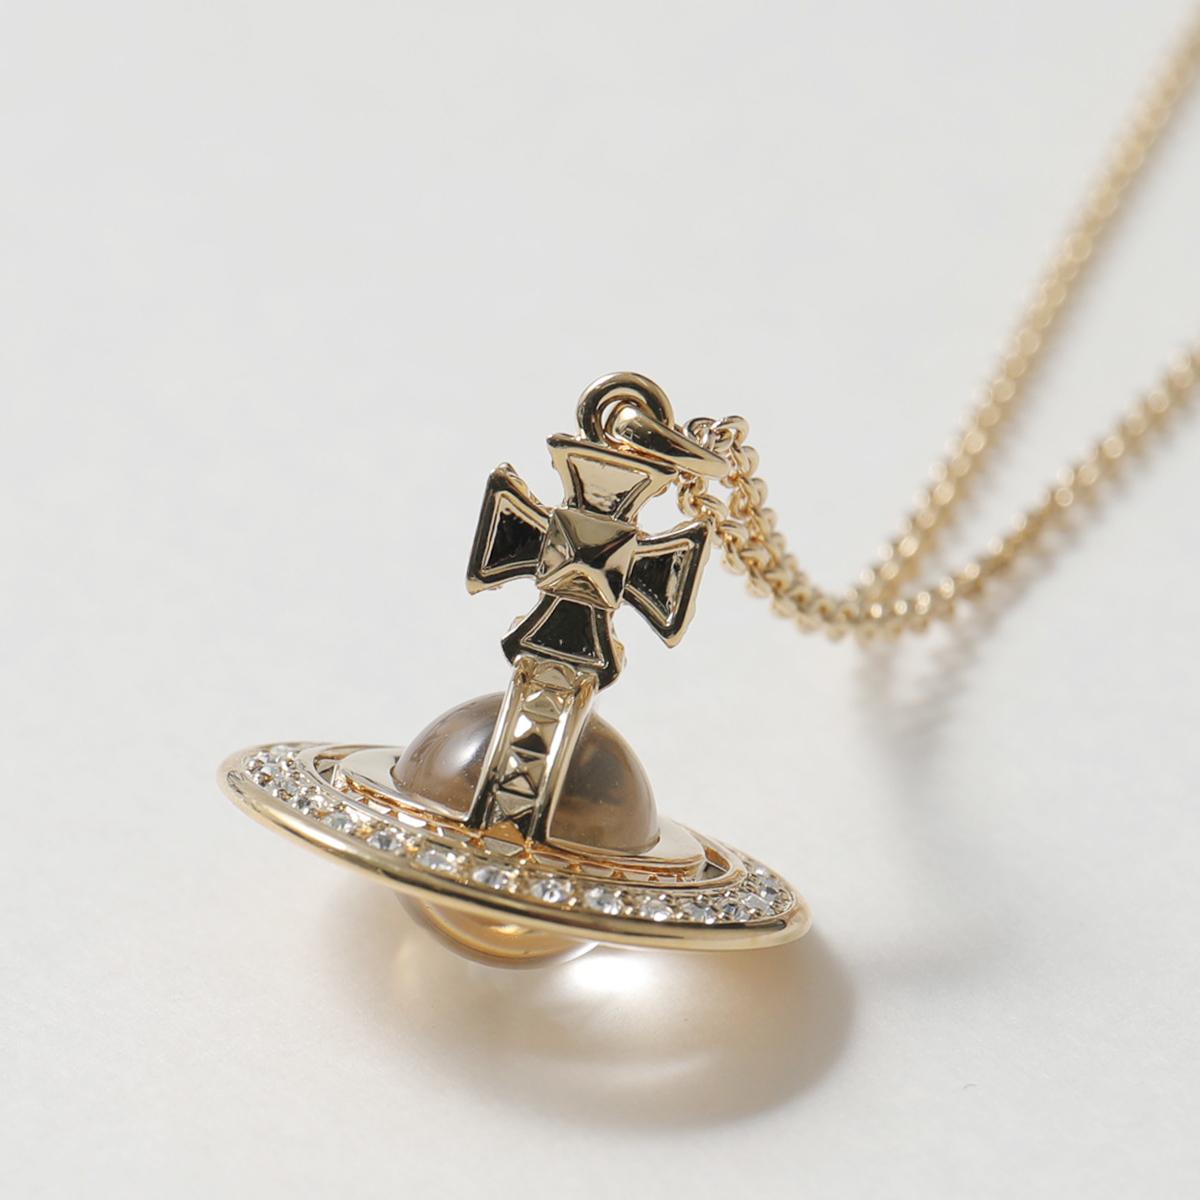 VivienneWestwood ヴィヴィアンウエストウッド 63020113 R108 PINA SMALL ORB ネックレス アクセサリー ペンダント ゴールド GOLD-Crystal レディース